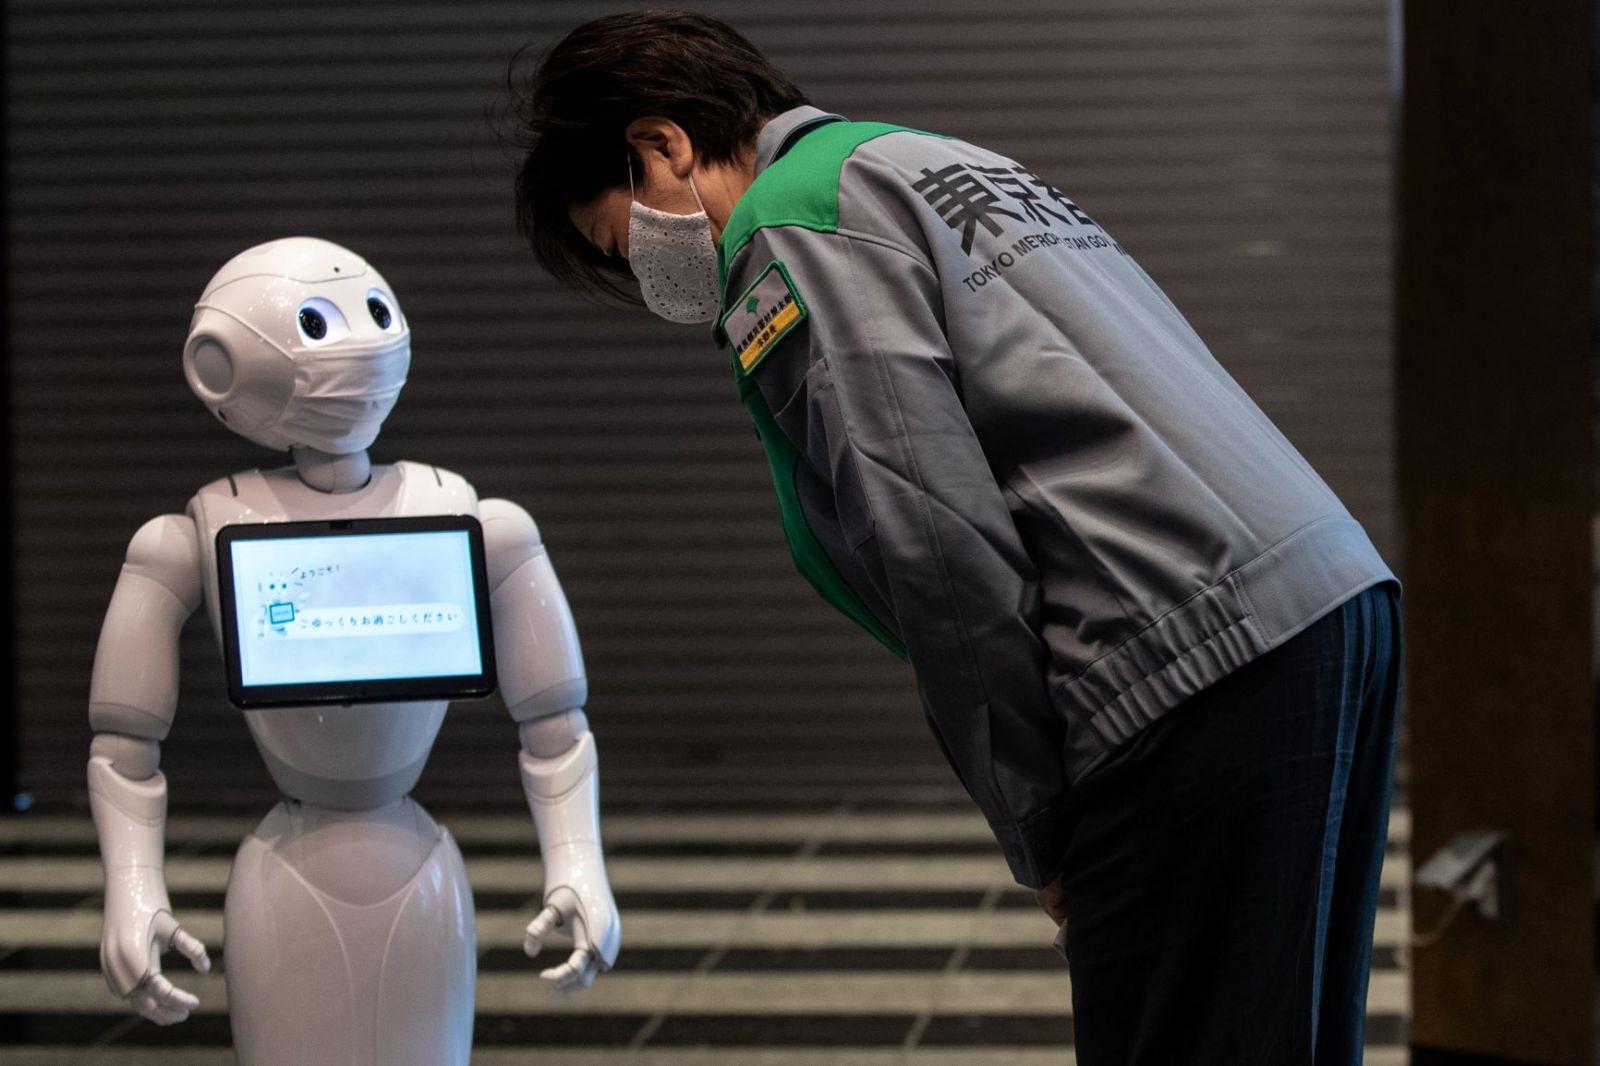 الروبوتات تتعلم أساليب الخداع